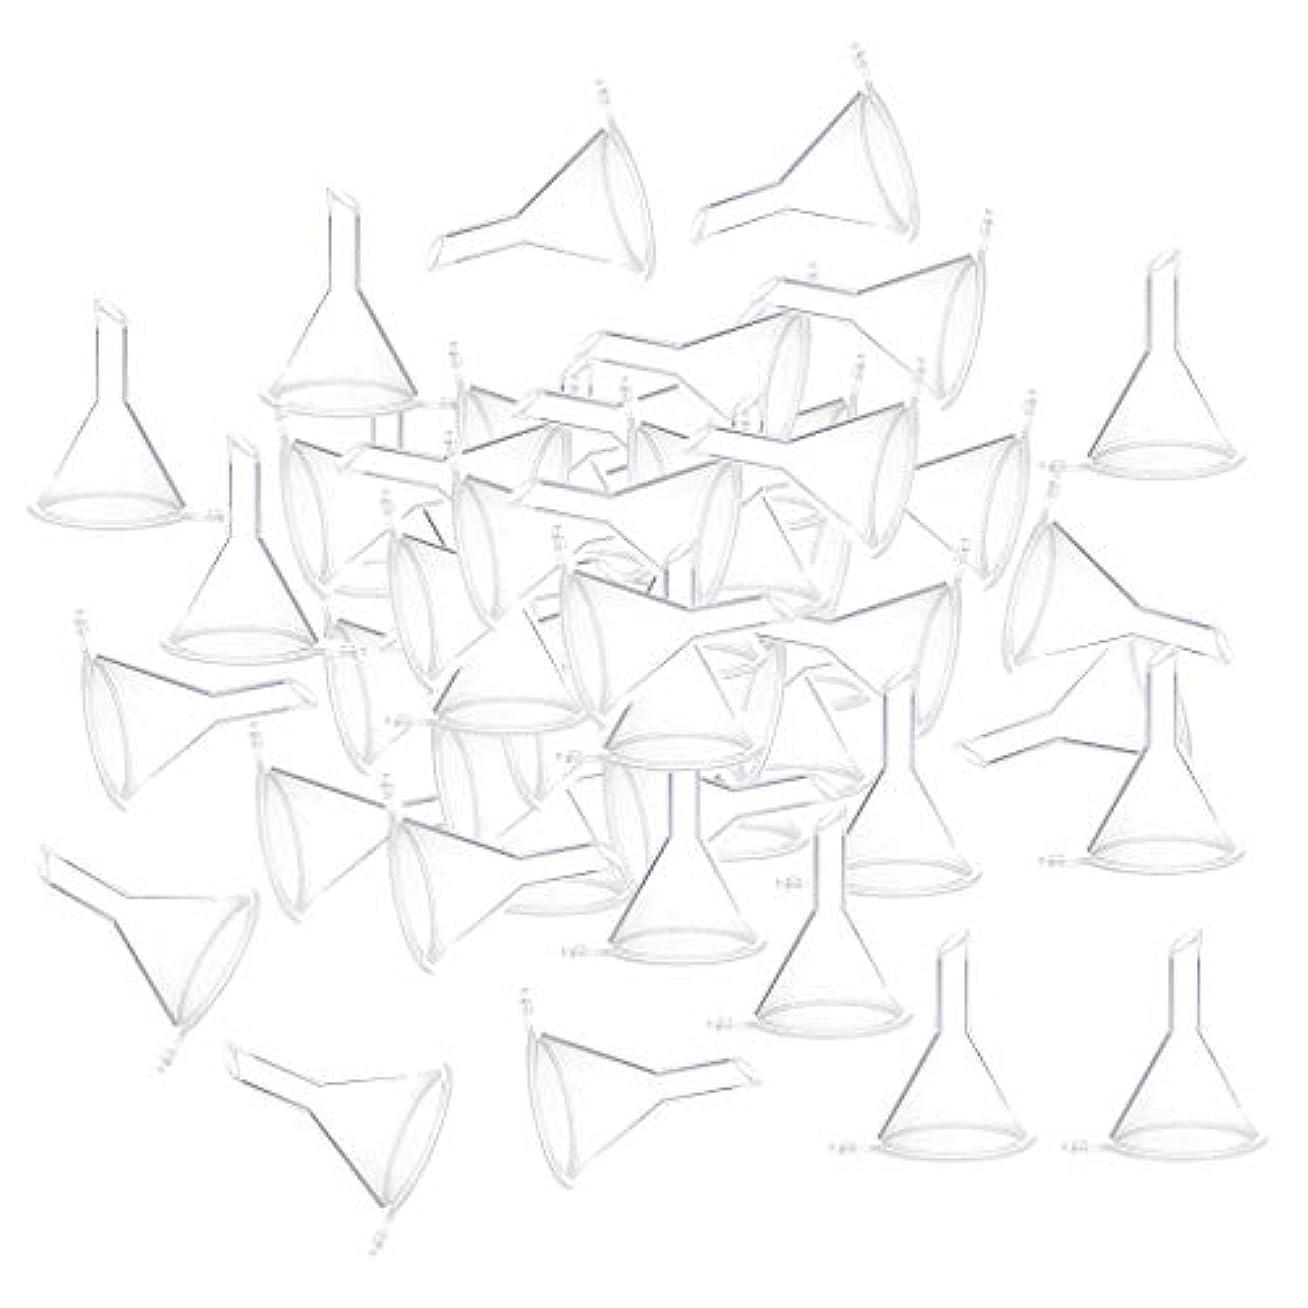 締め切り健康的大胆F Fityle 小分けツール ミニ ファンネル エッセンシャルオイル 液体 香水用 全100個 3カラー - クリア